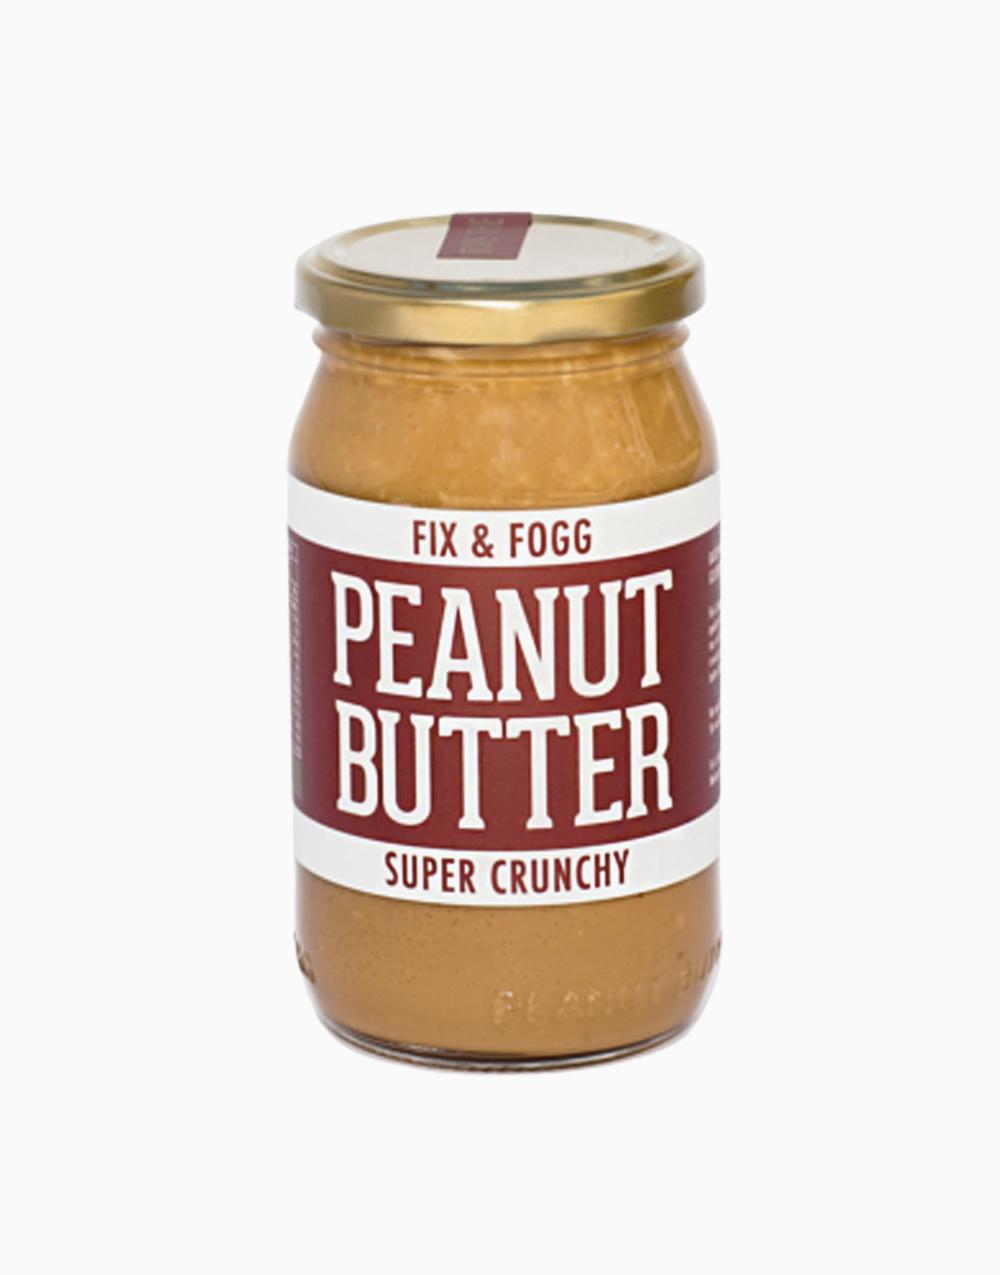 Crunchy Peanut Butter (375g) by Fix & Fogg